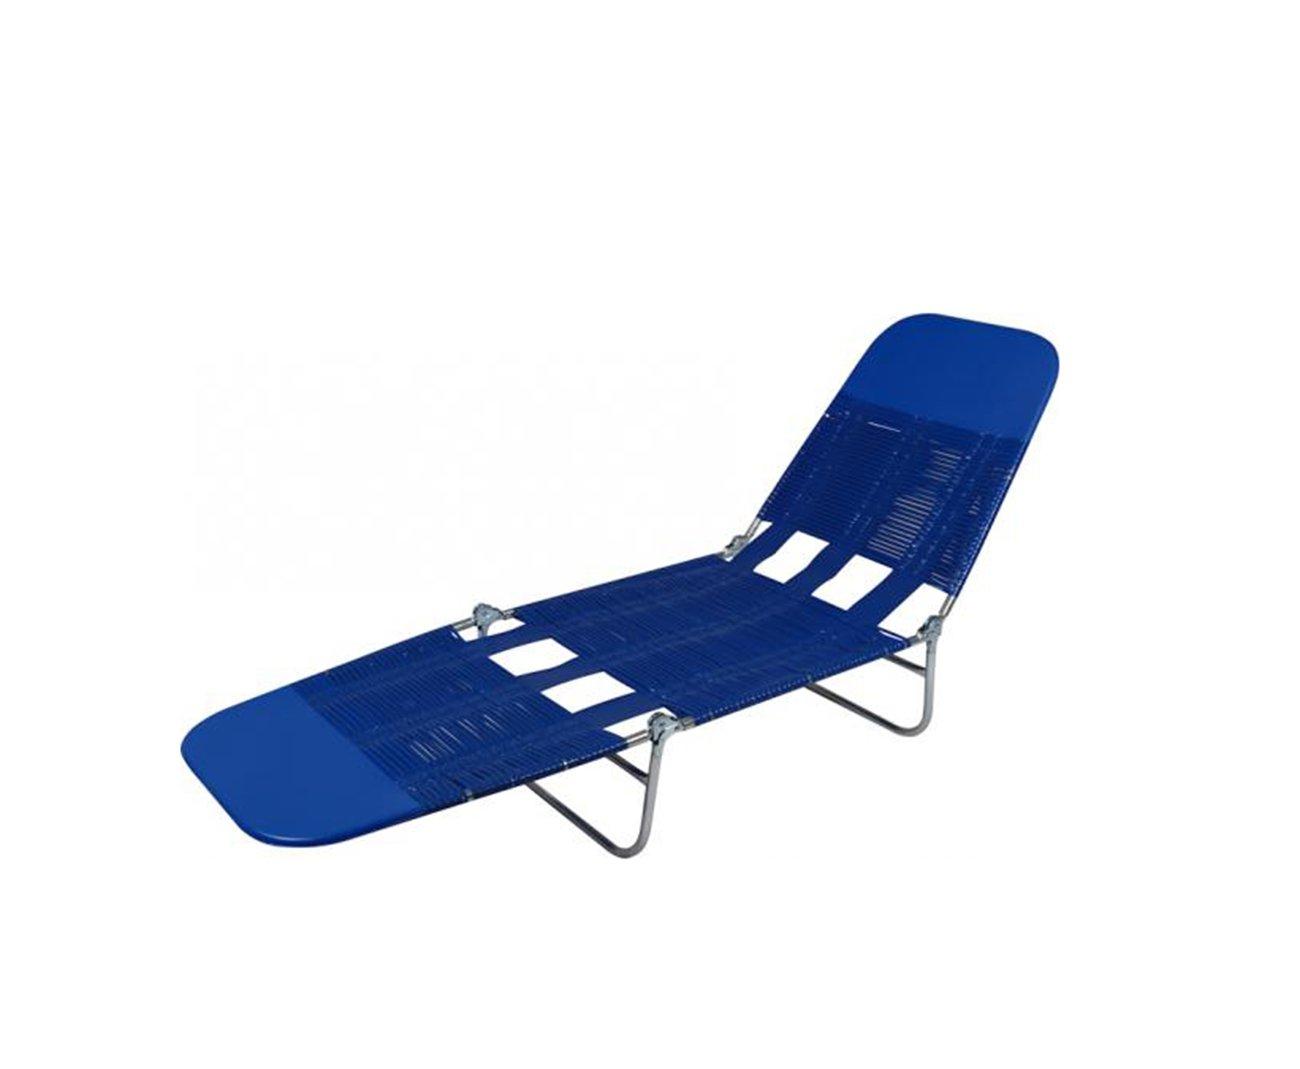 Espreguiçadeira Dobravel - Pvc Azul - Mor